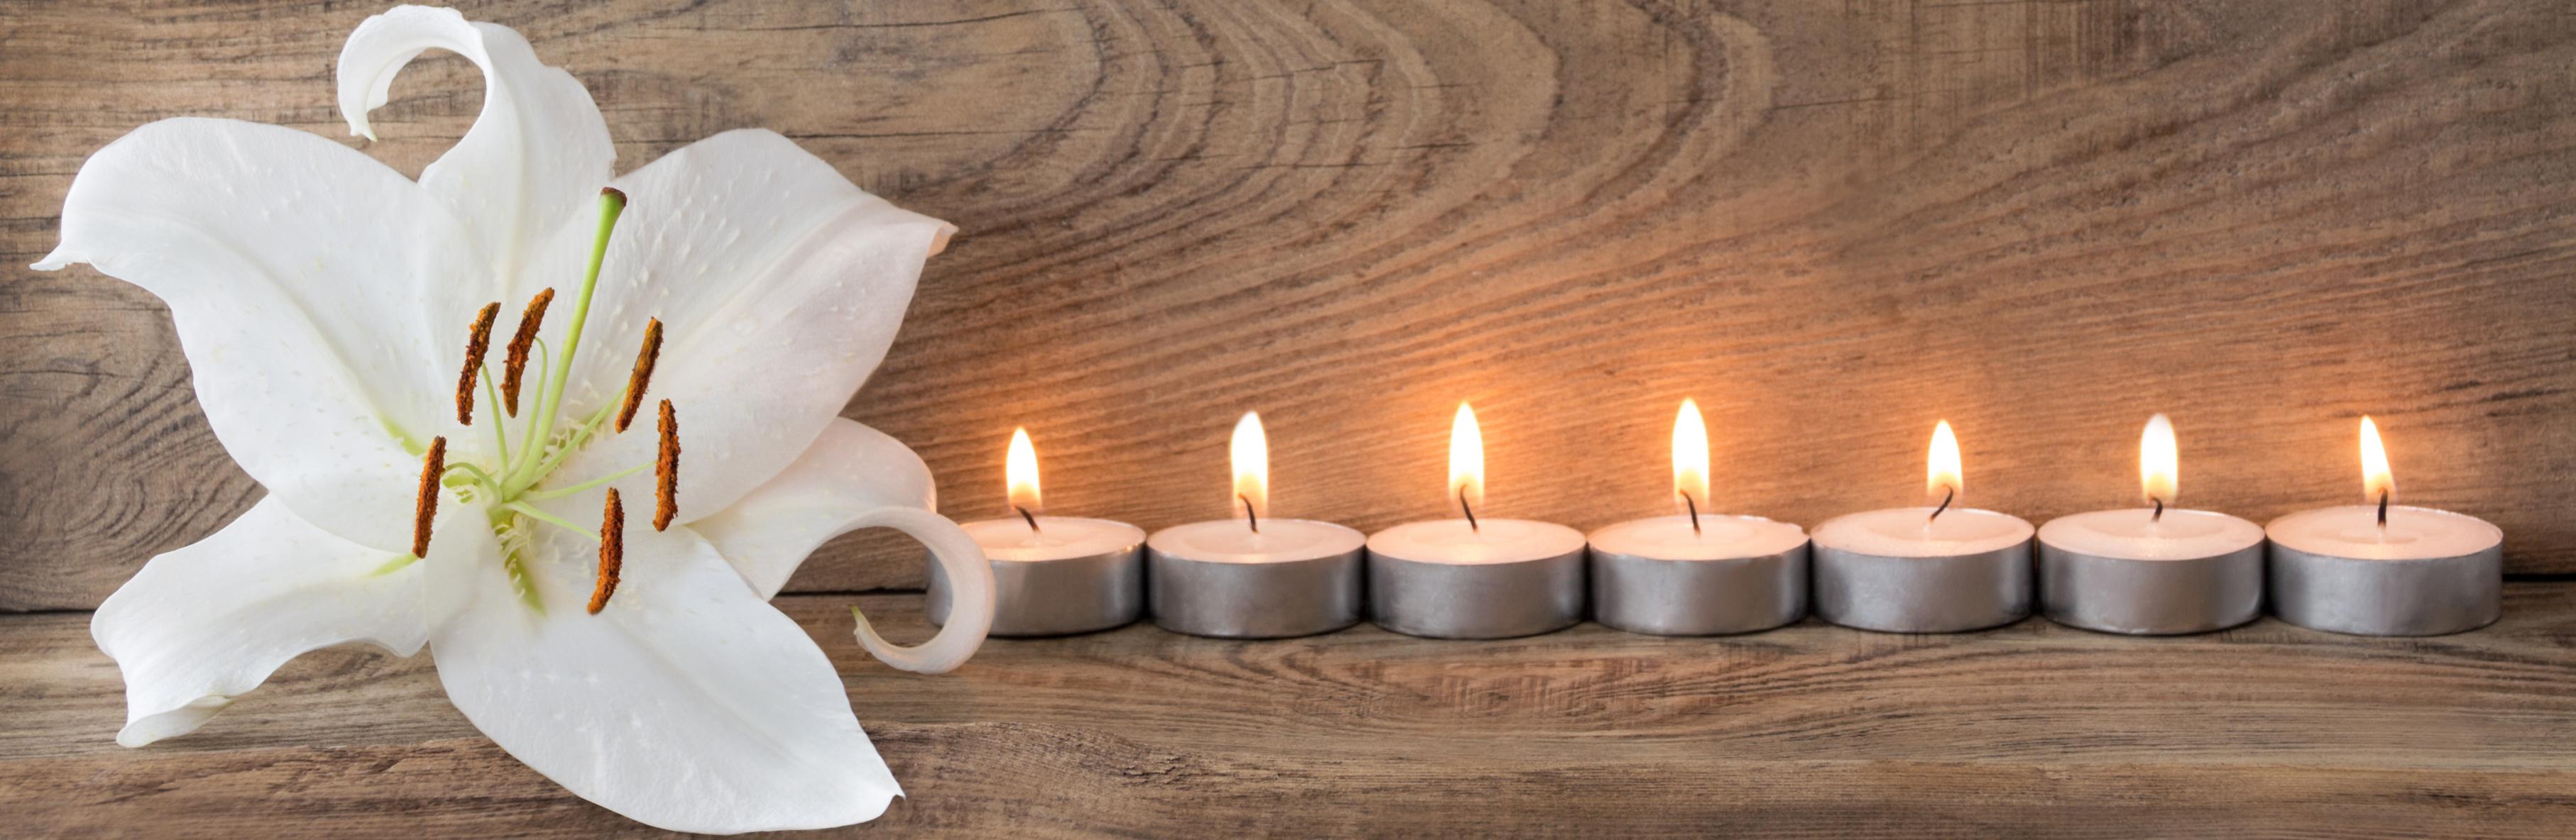 candles-landscape-web